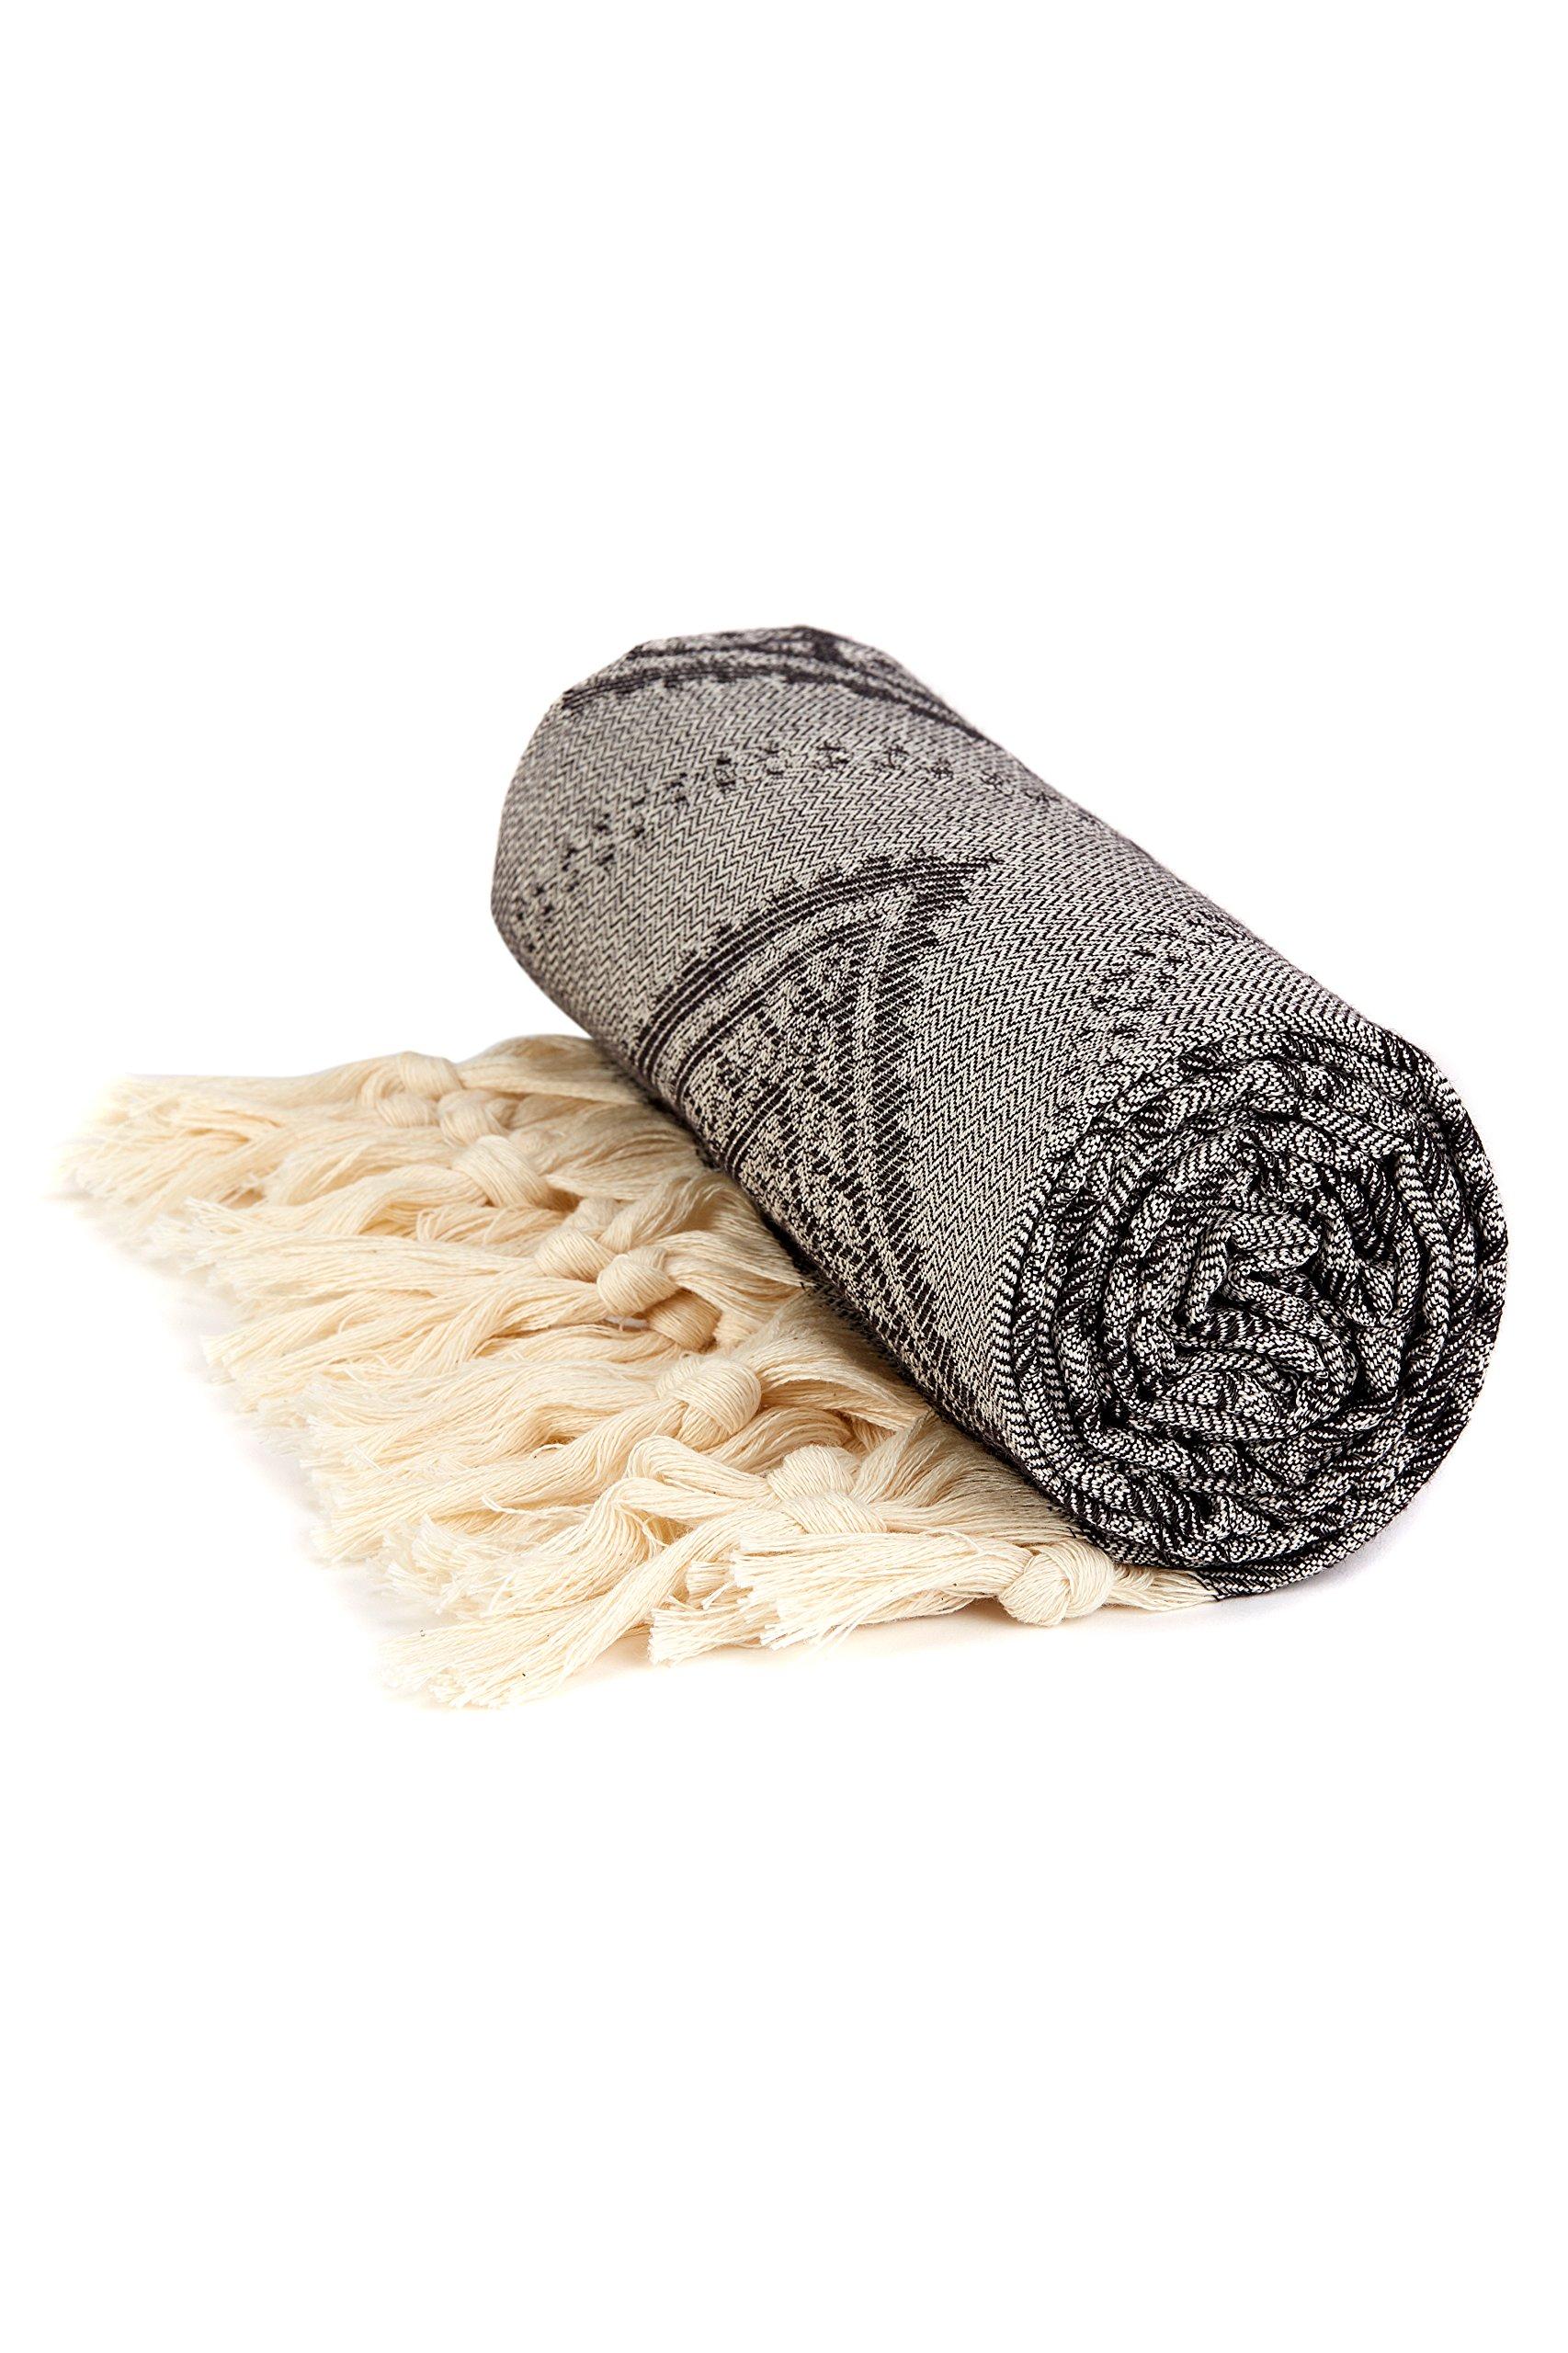 Lushrobe Peshtemal Beach Towel - rolled up